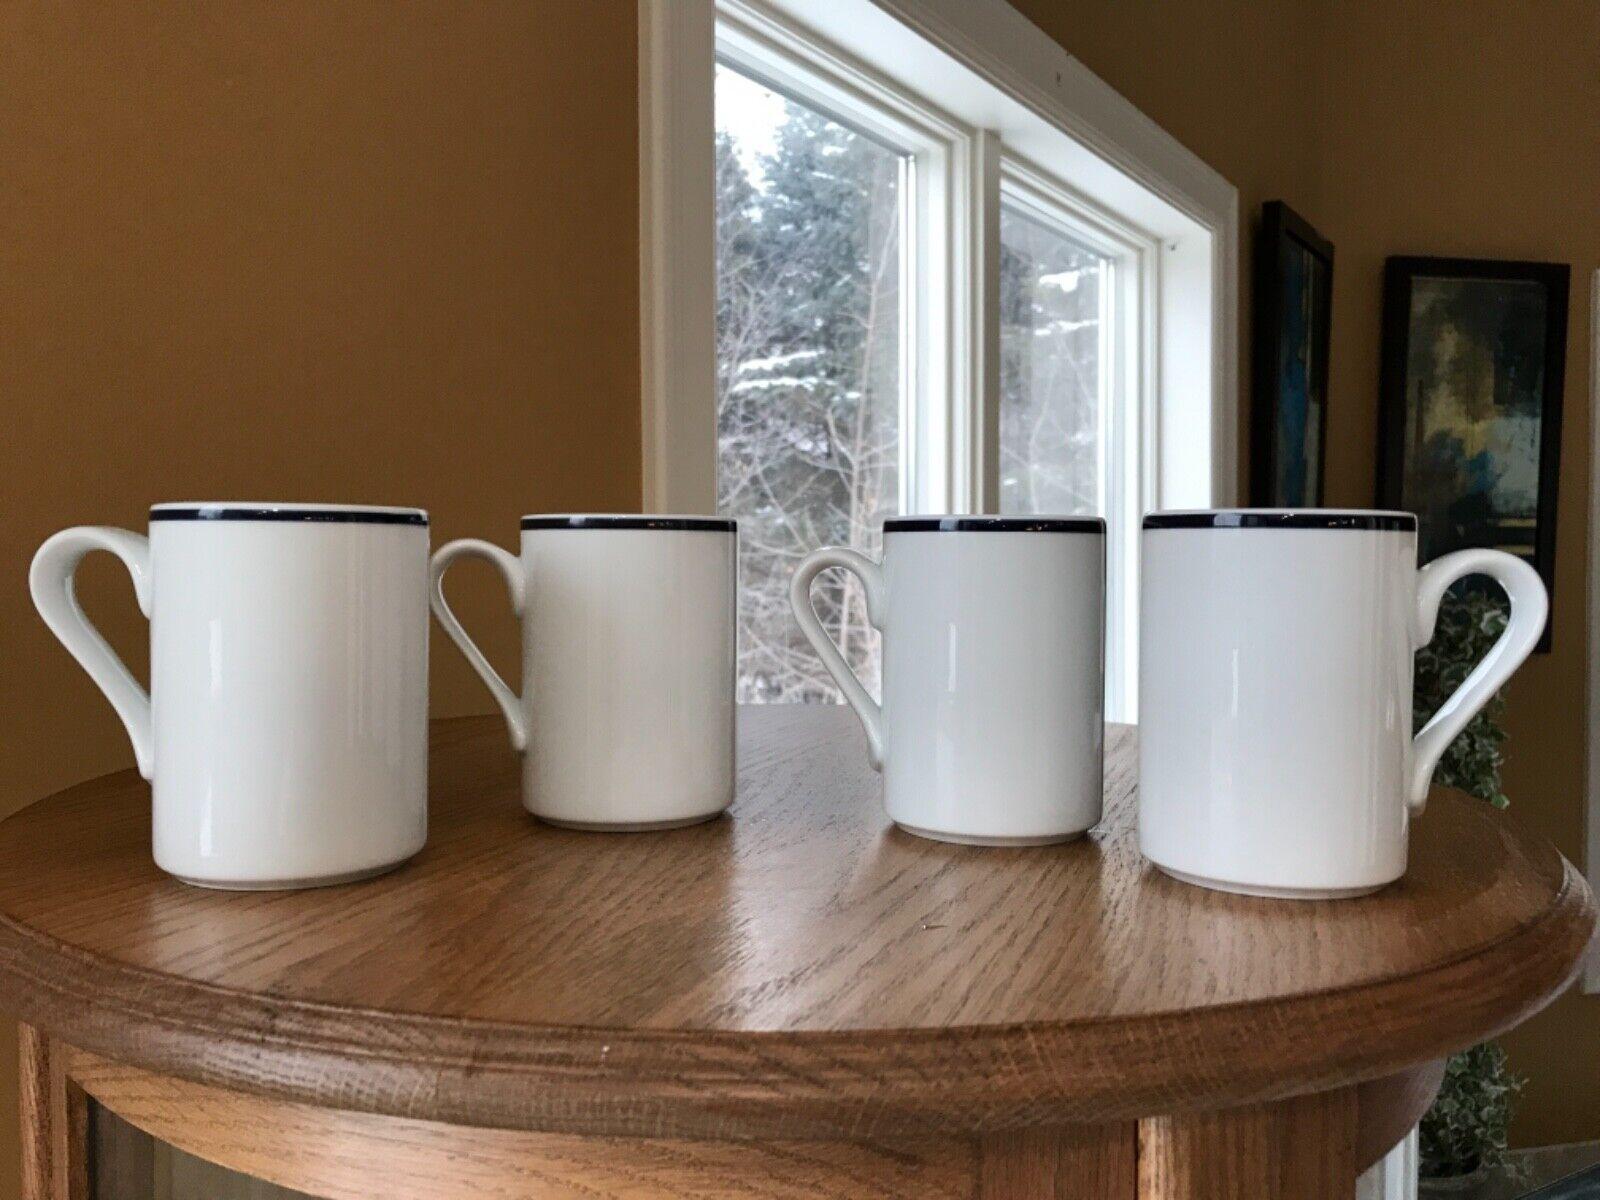 4 DANSK Bistro International Design Coffee Mug/Cup Christianshavn Blue Portugal - $24.00